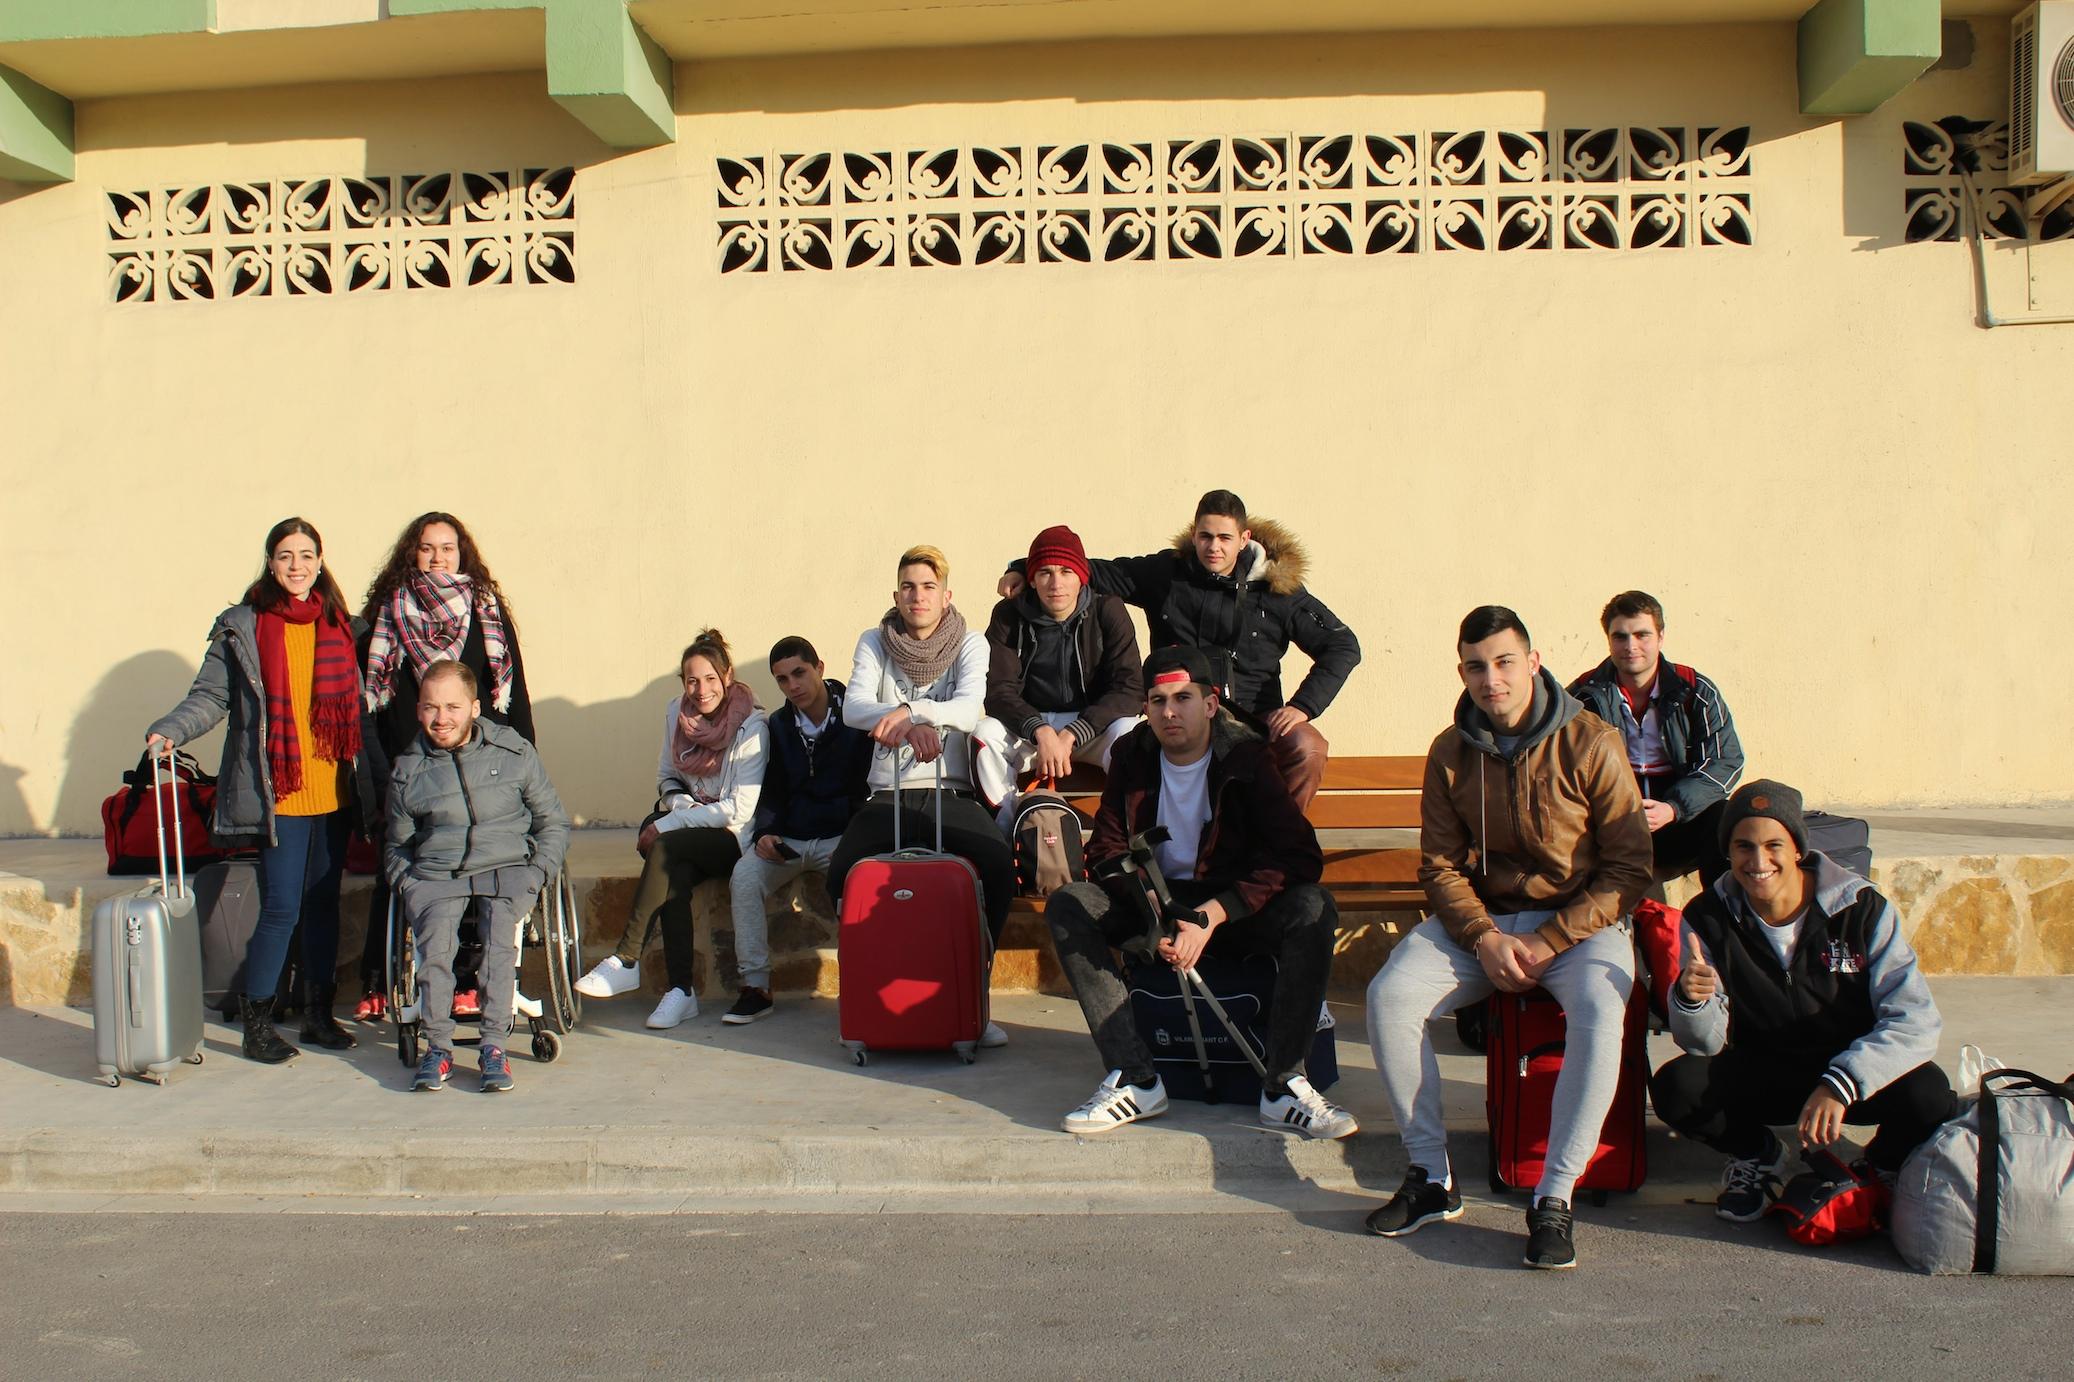 Los jóvenes de Vilamarxant participan, junto a los participantes del Programa Jove Oportunitat de Cheste y Chiva, en la fase de autorreflexión y convivencia.